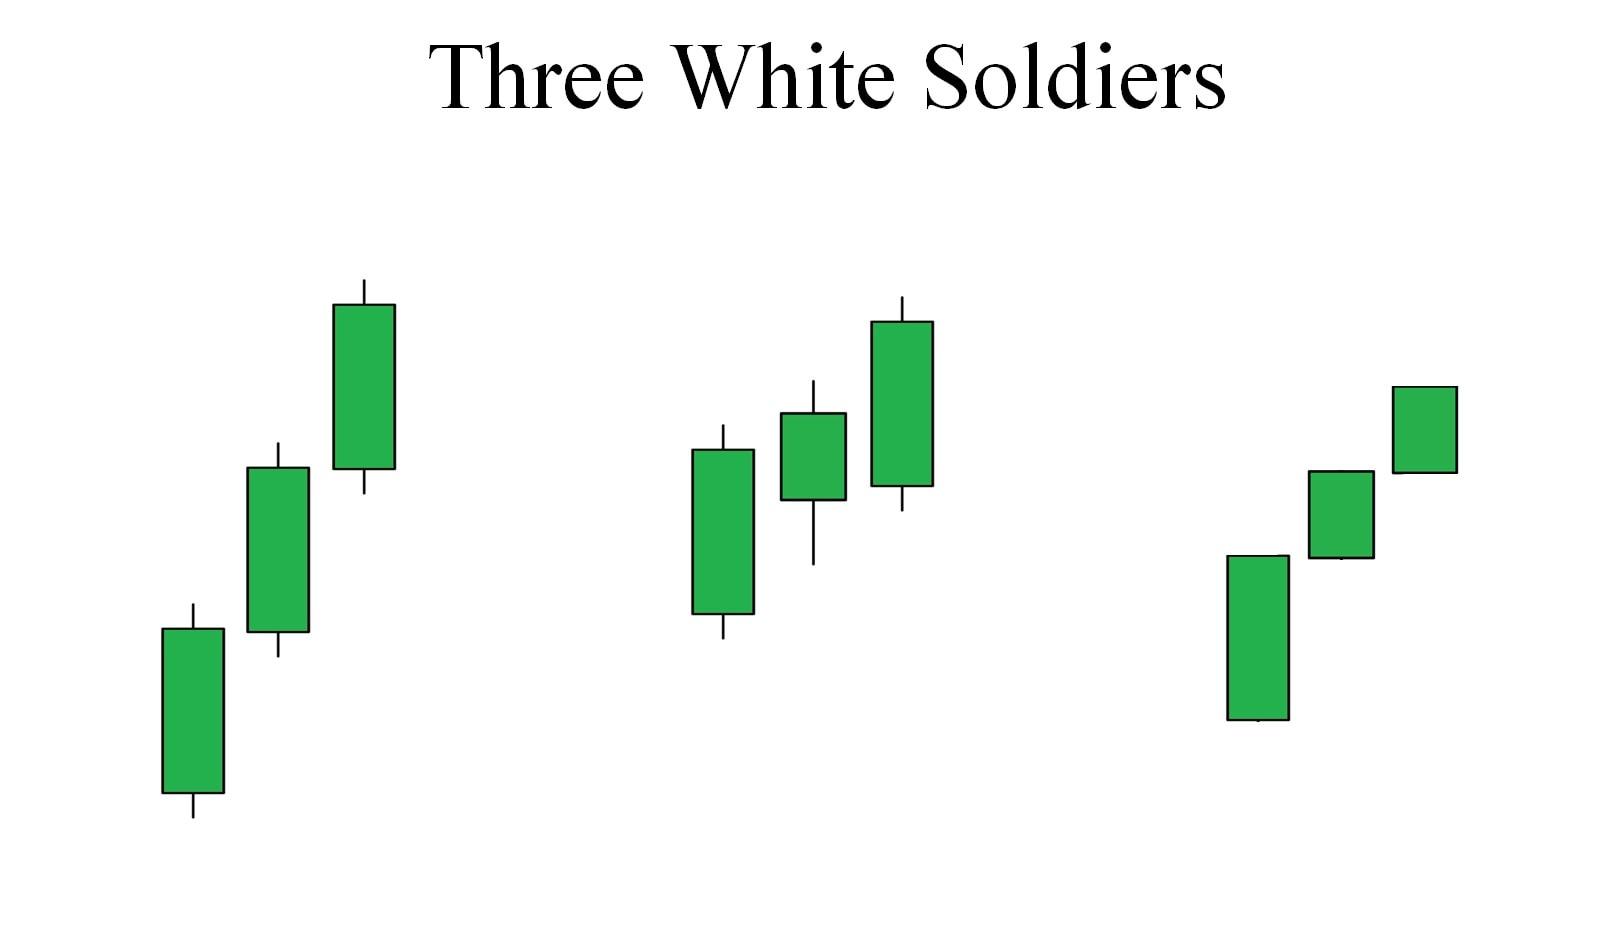 Các loại mô hình nến Three White Soldier